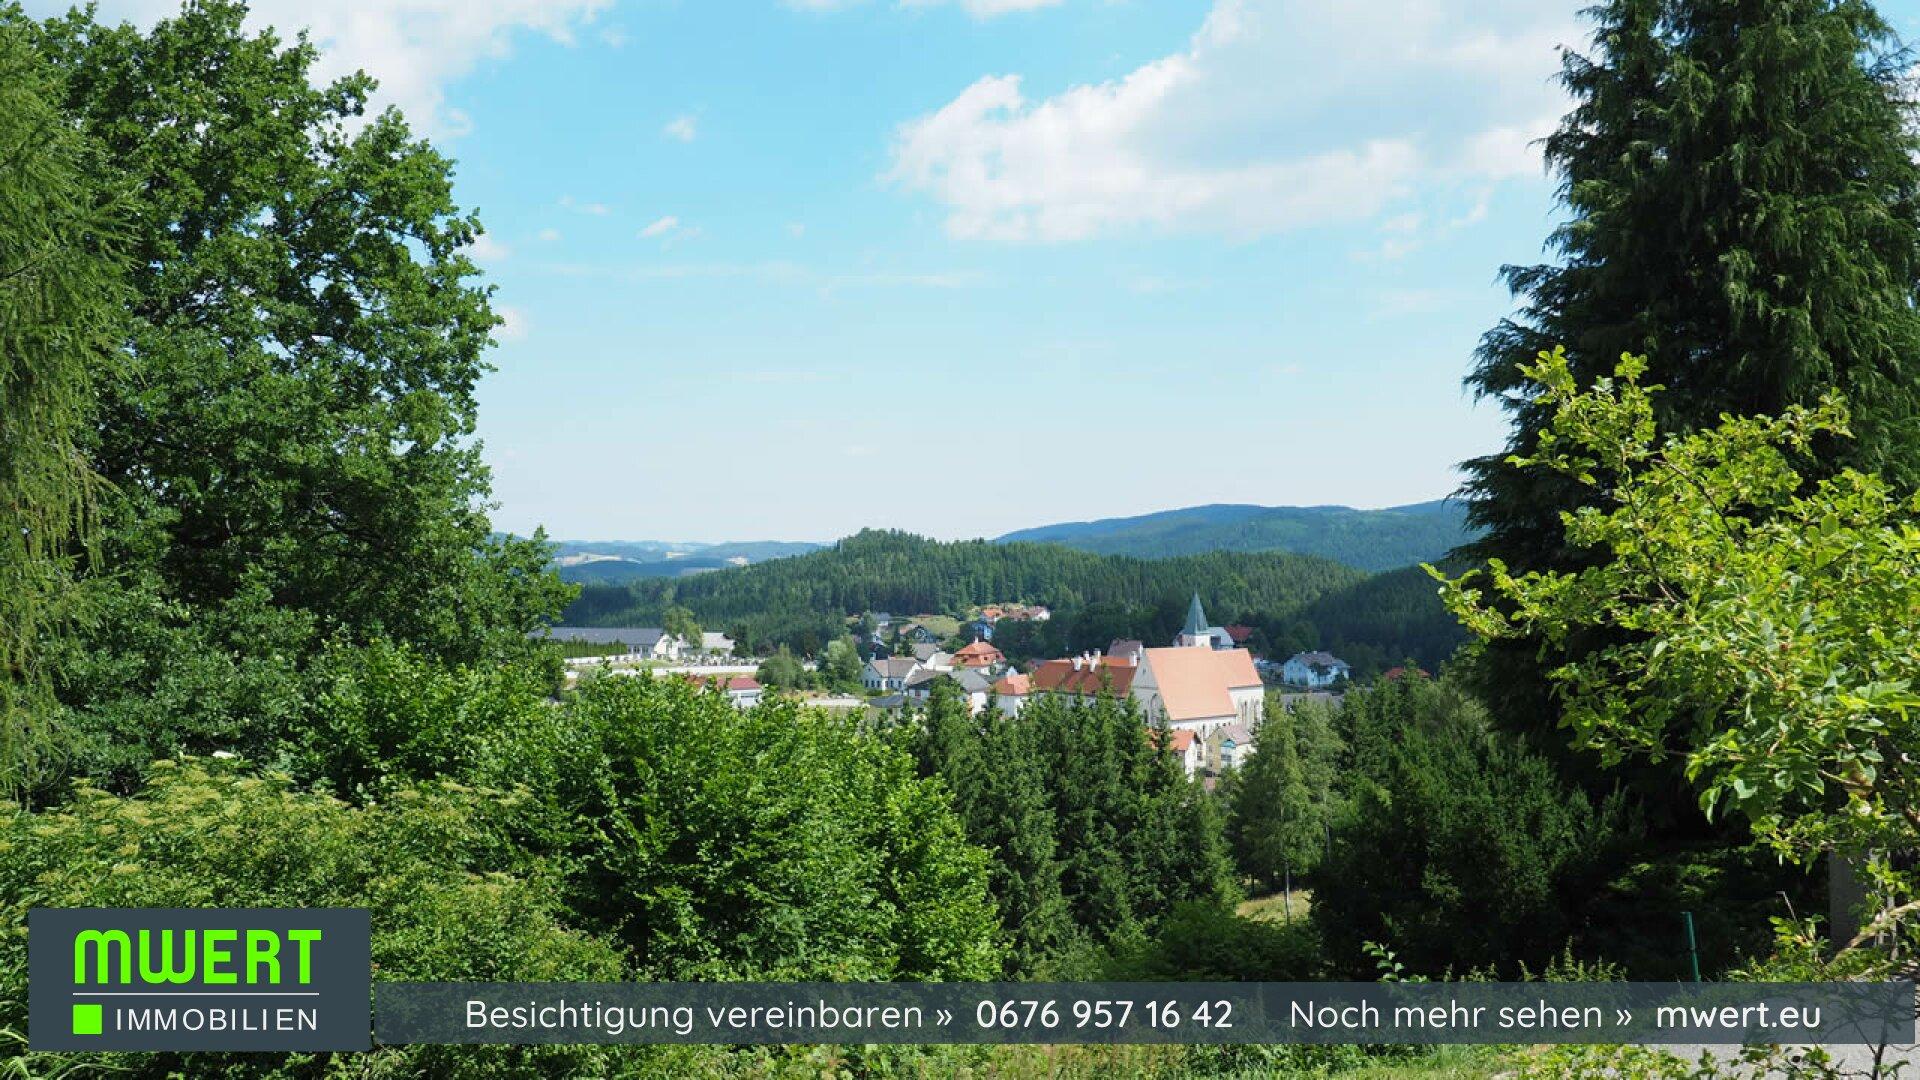 Baugrund im Waldviertel, Schönbach